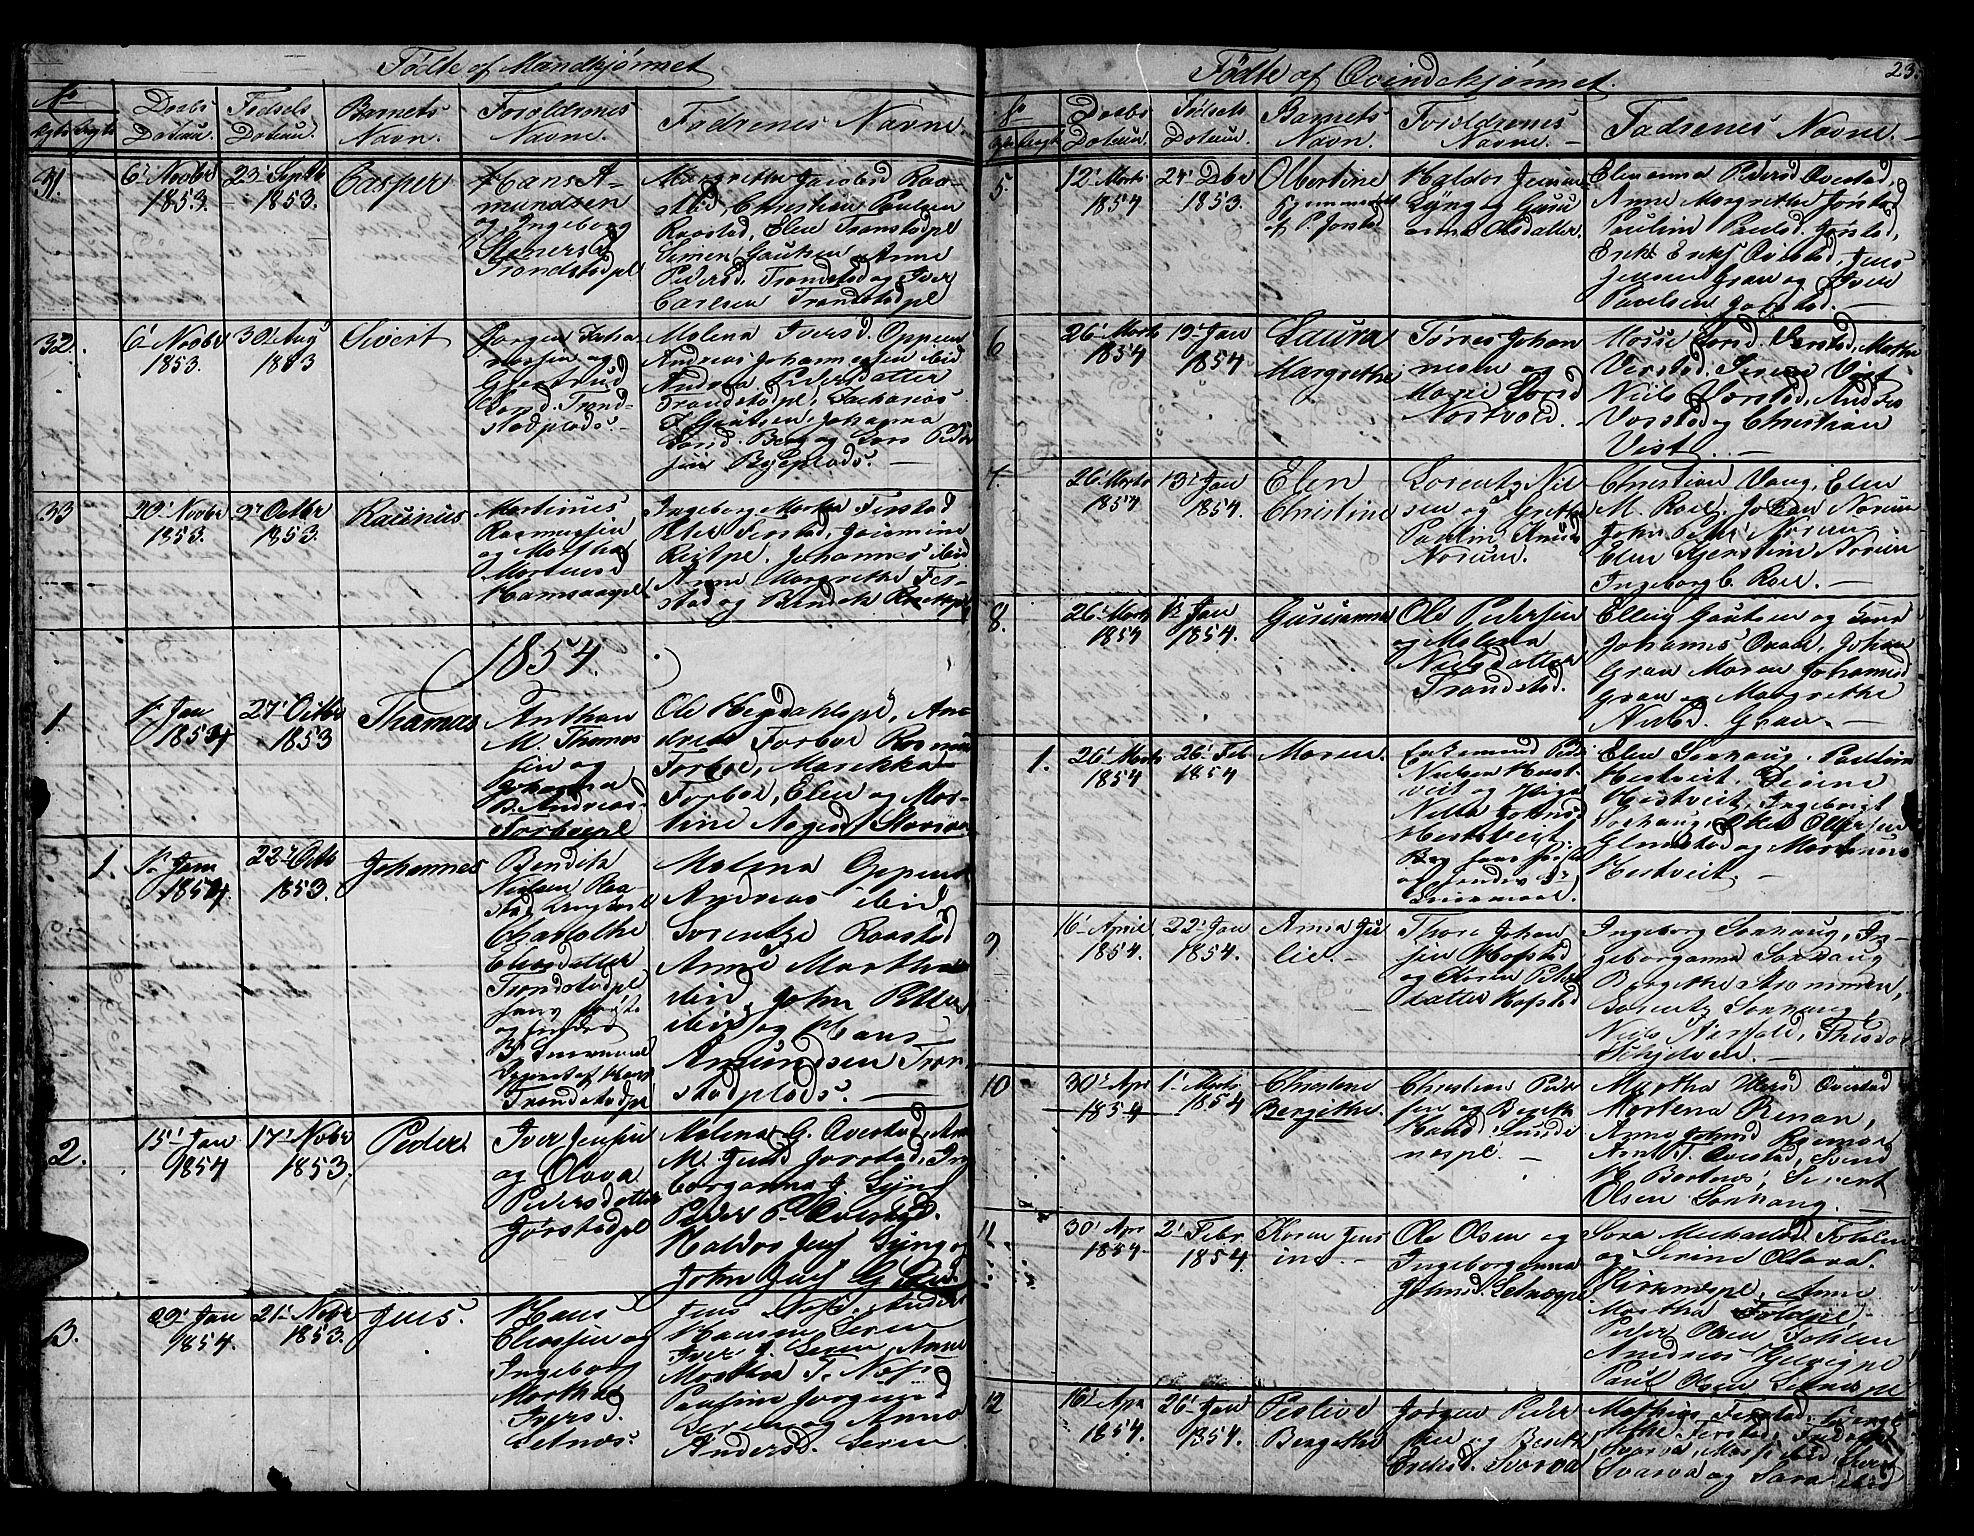 SAT, Ministerialprotokoller, klokkerbøker og fødselsregistre - Nord-Trøndelag, 730/L0299: Klokkerbok nr. 730C02, 1849-1871, s. 23